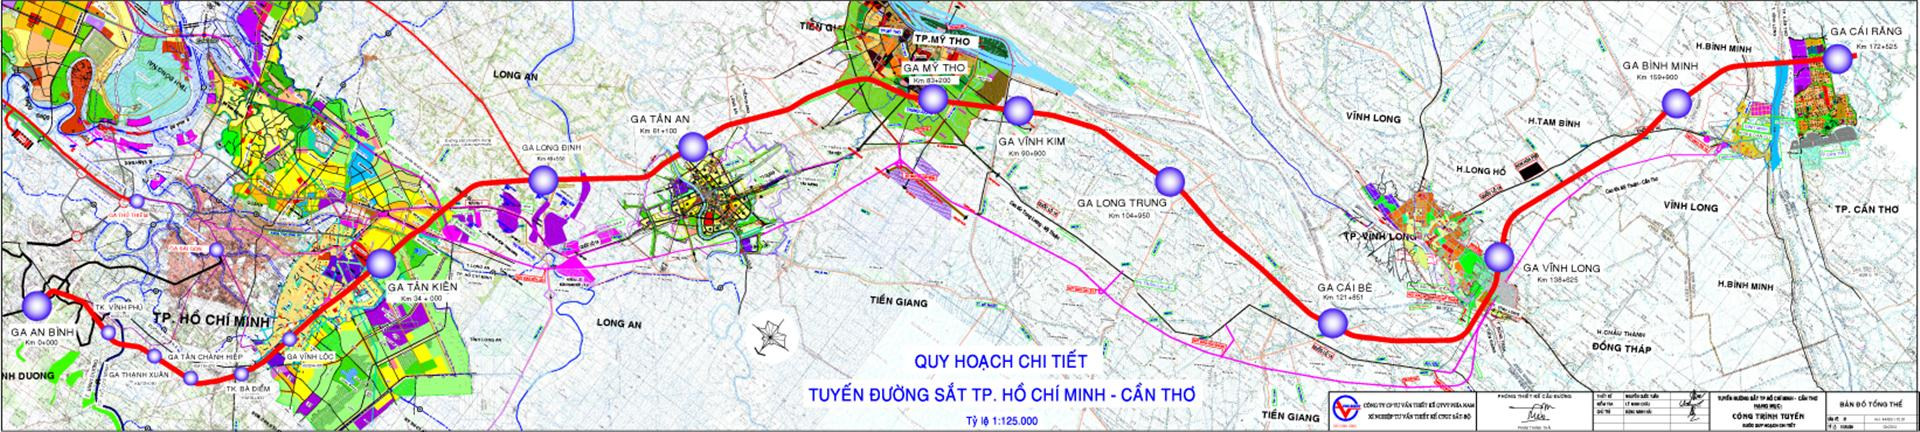 TP.HCM: Điều chỉnh hướng tuyến quy hoạch đường sắt TP.HCM - Cần Thơ